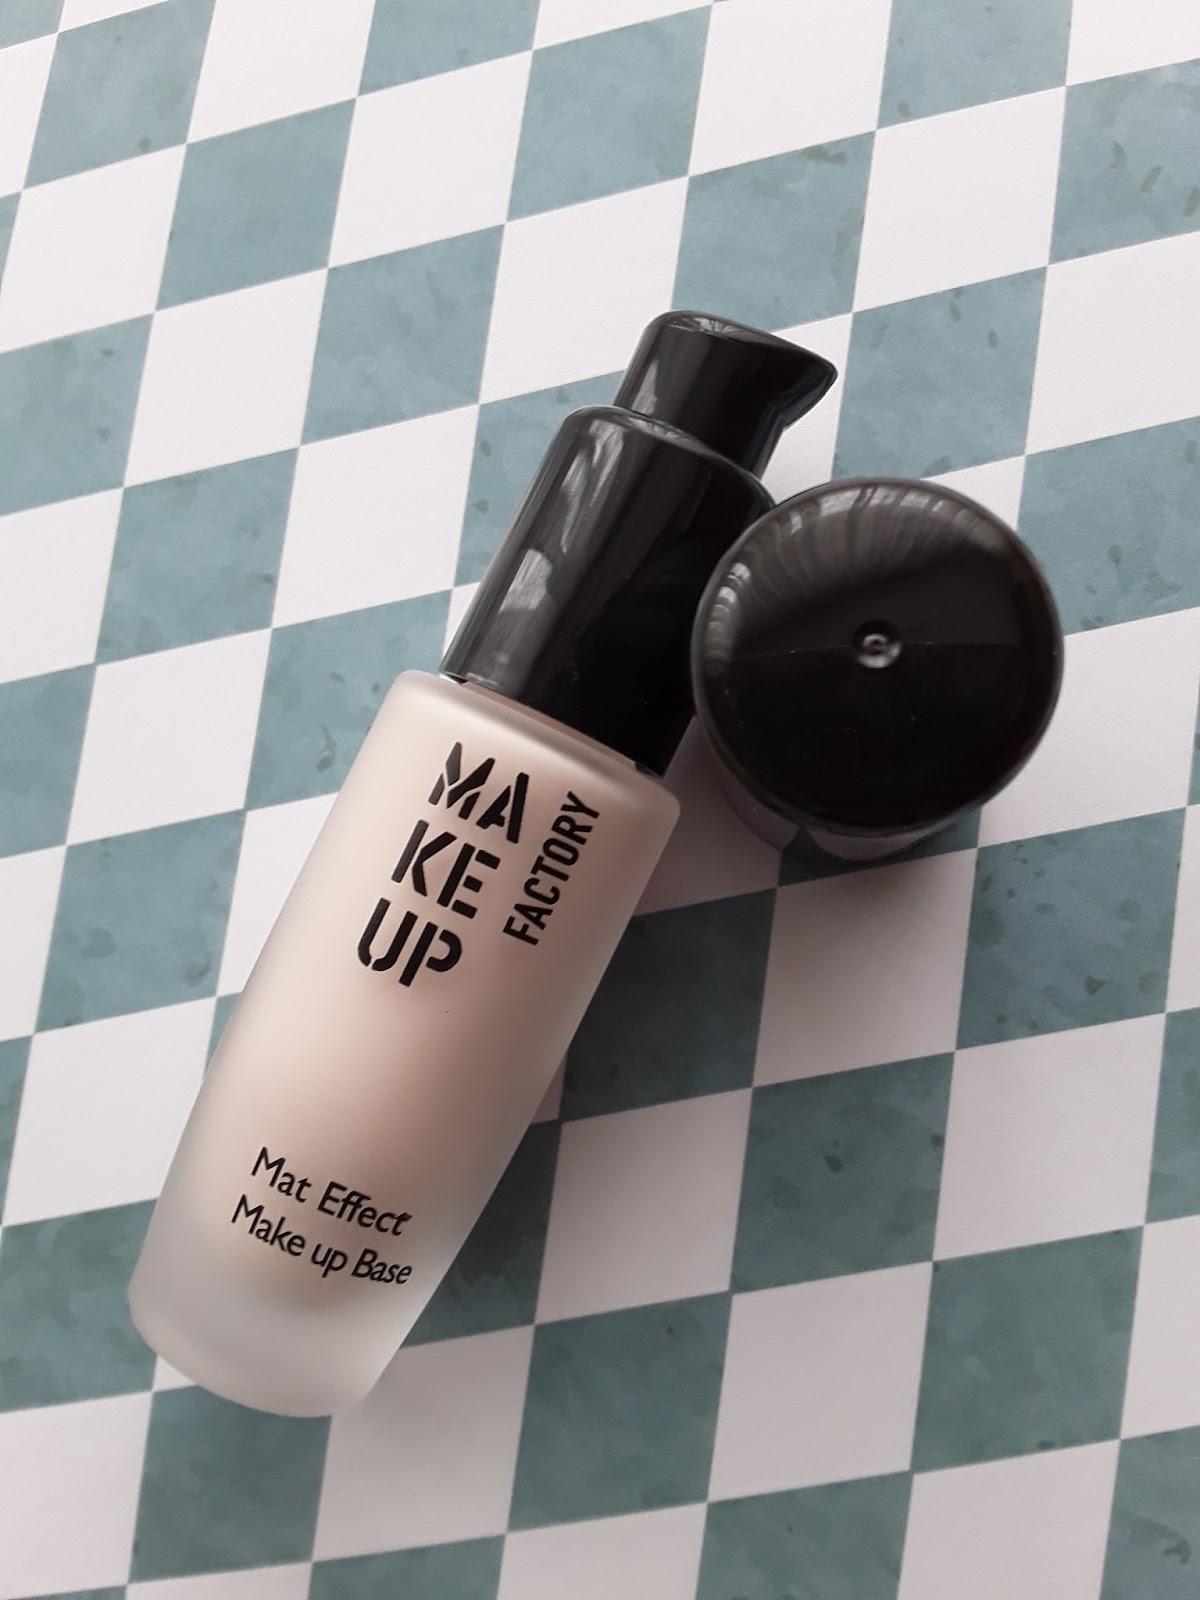 Makeup factory: Mat effect makeup base